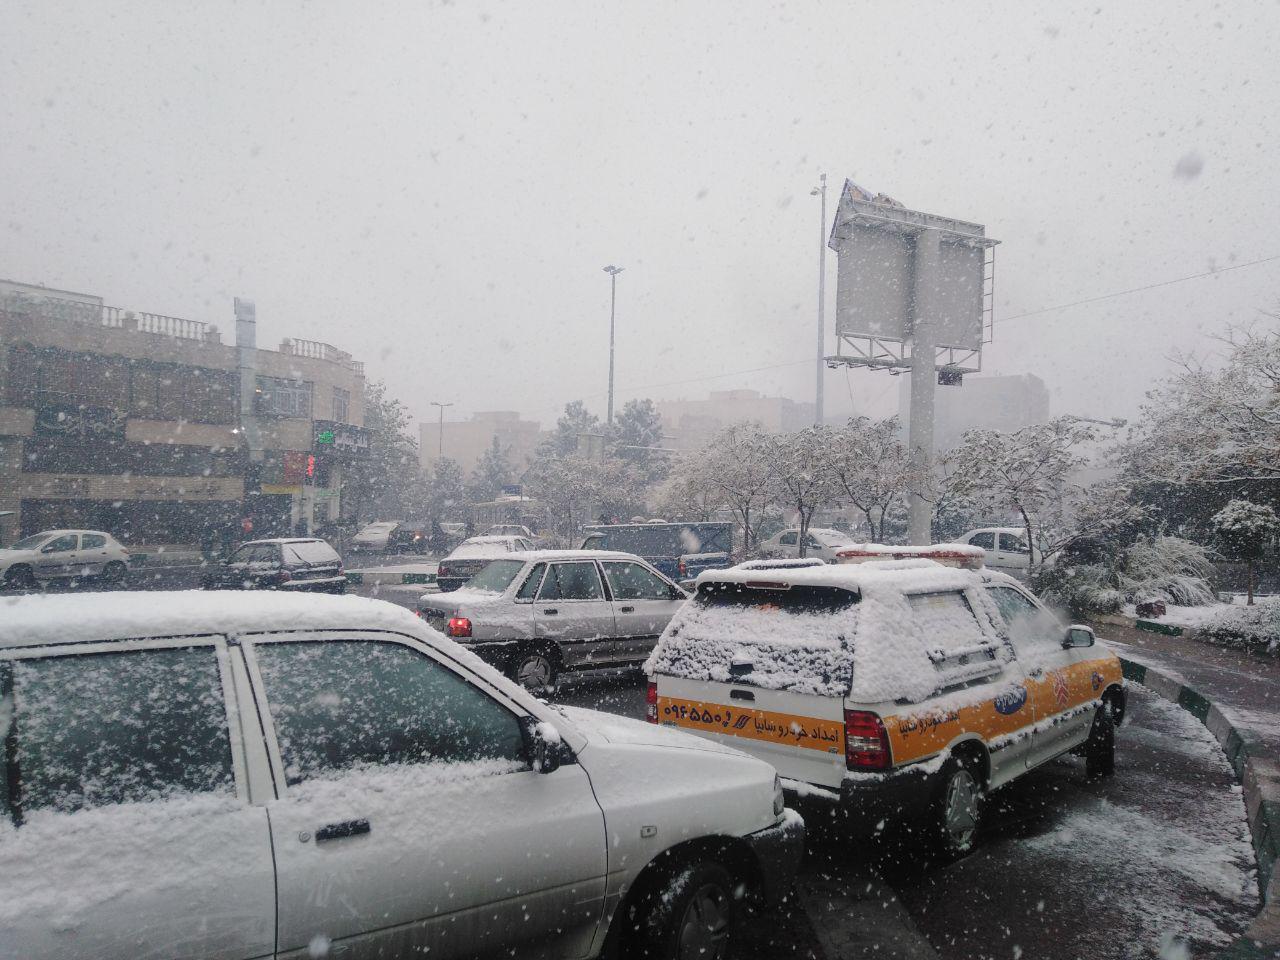 آخرین وضعیت ترافیکی معابر پایتخت پس از بارش برف امروز